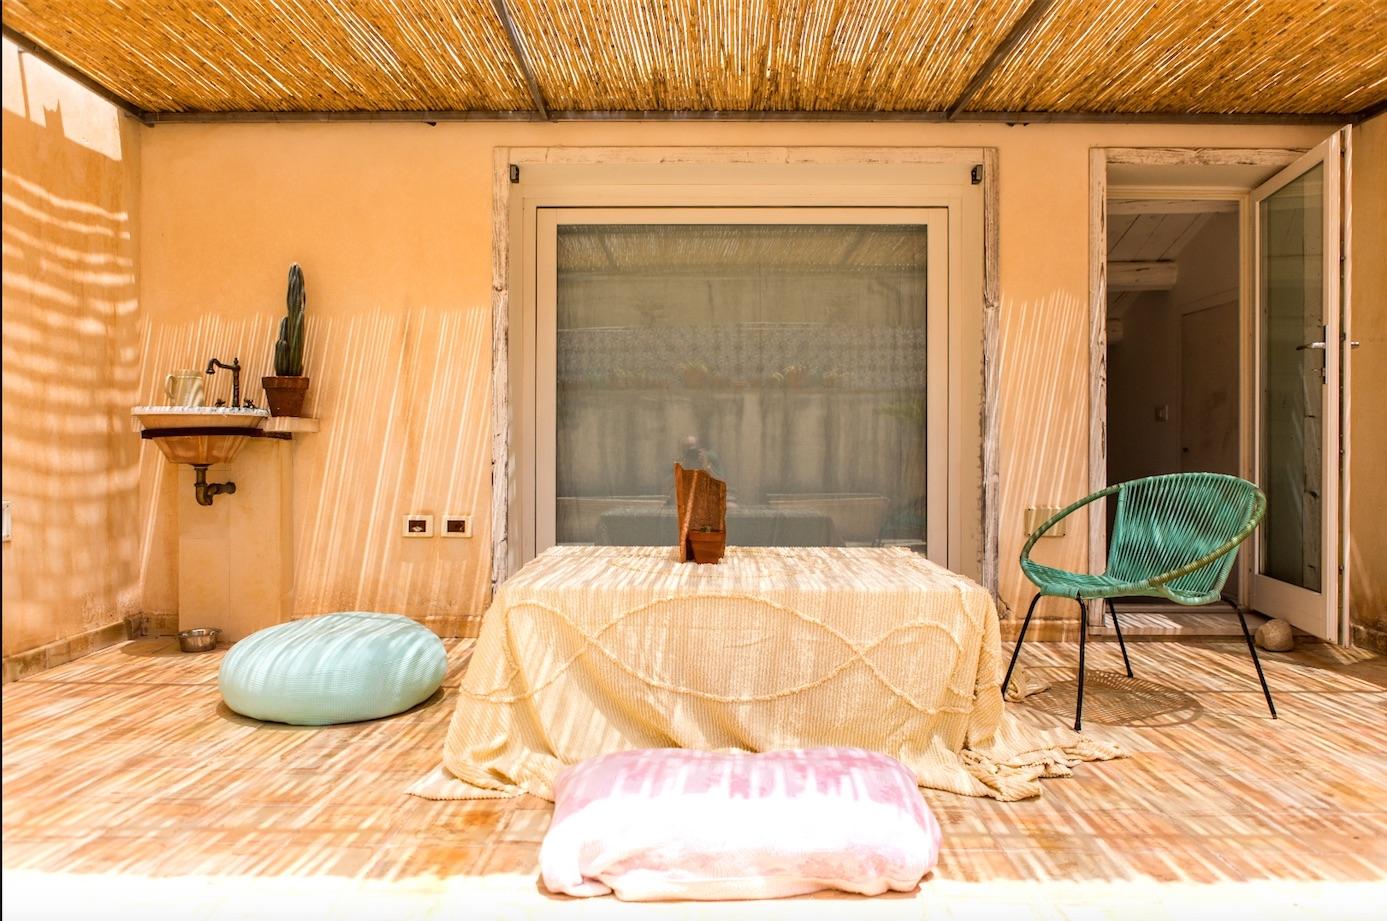 Noto Ferienwohnung: 3 schlafzimmer, WIFI. Ferienwohnungen en Noto ...